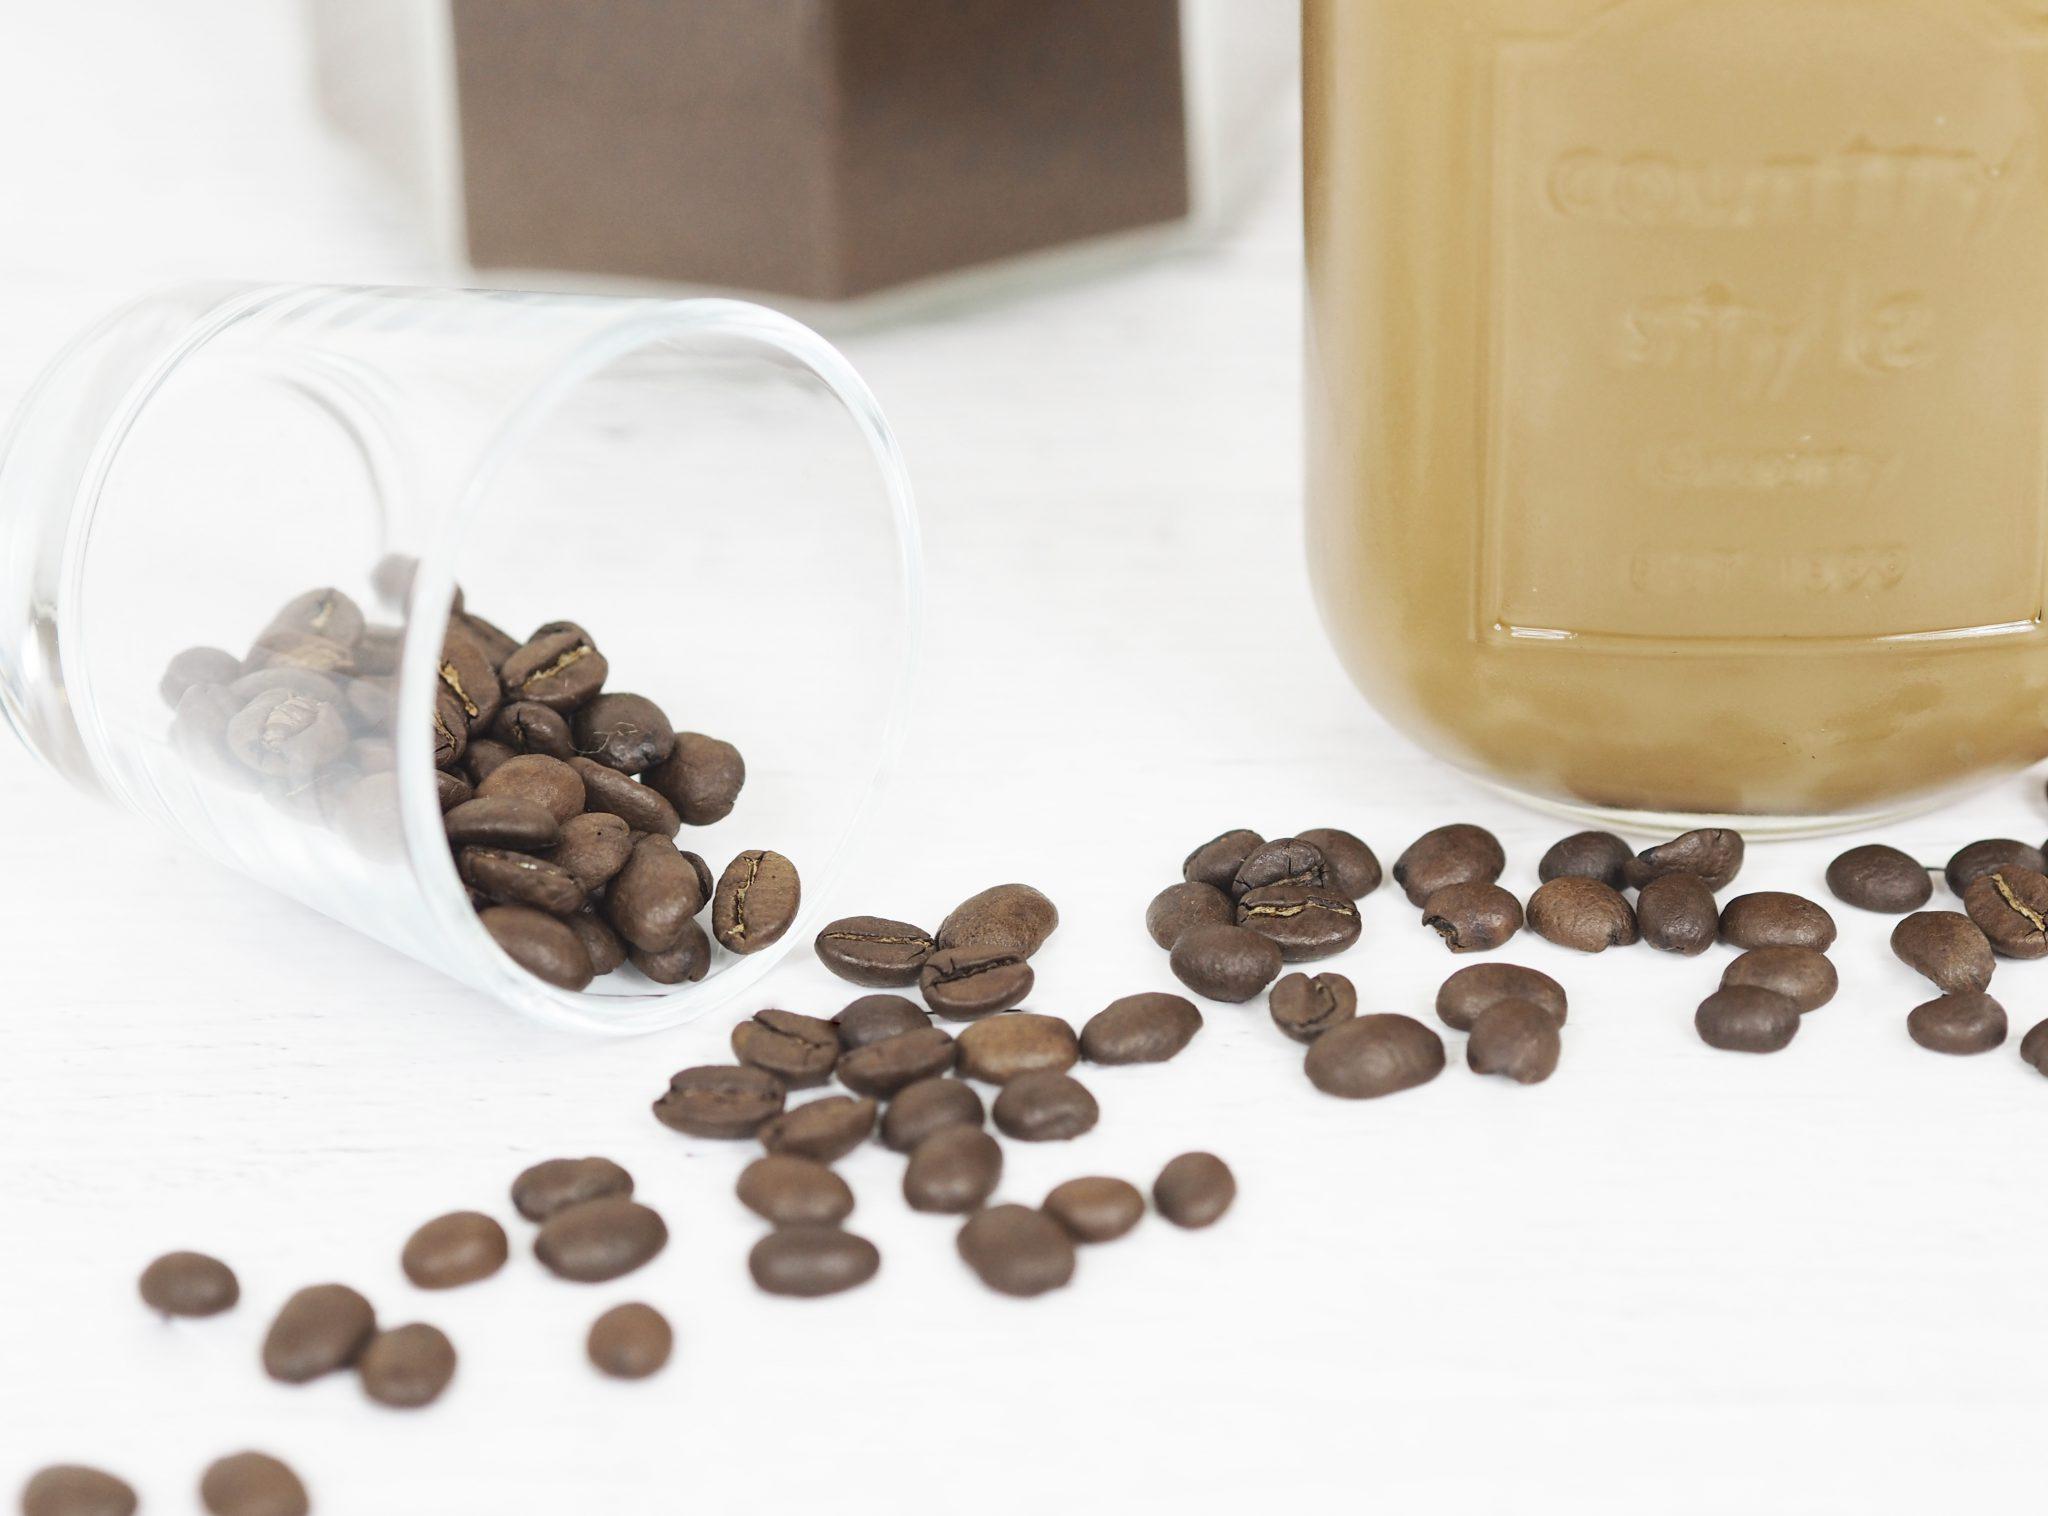 P7060338.jbearbpg - Mit Eiskaffee fit und erfrischt in den Sommer